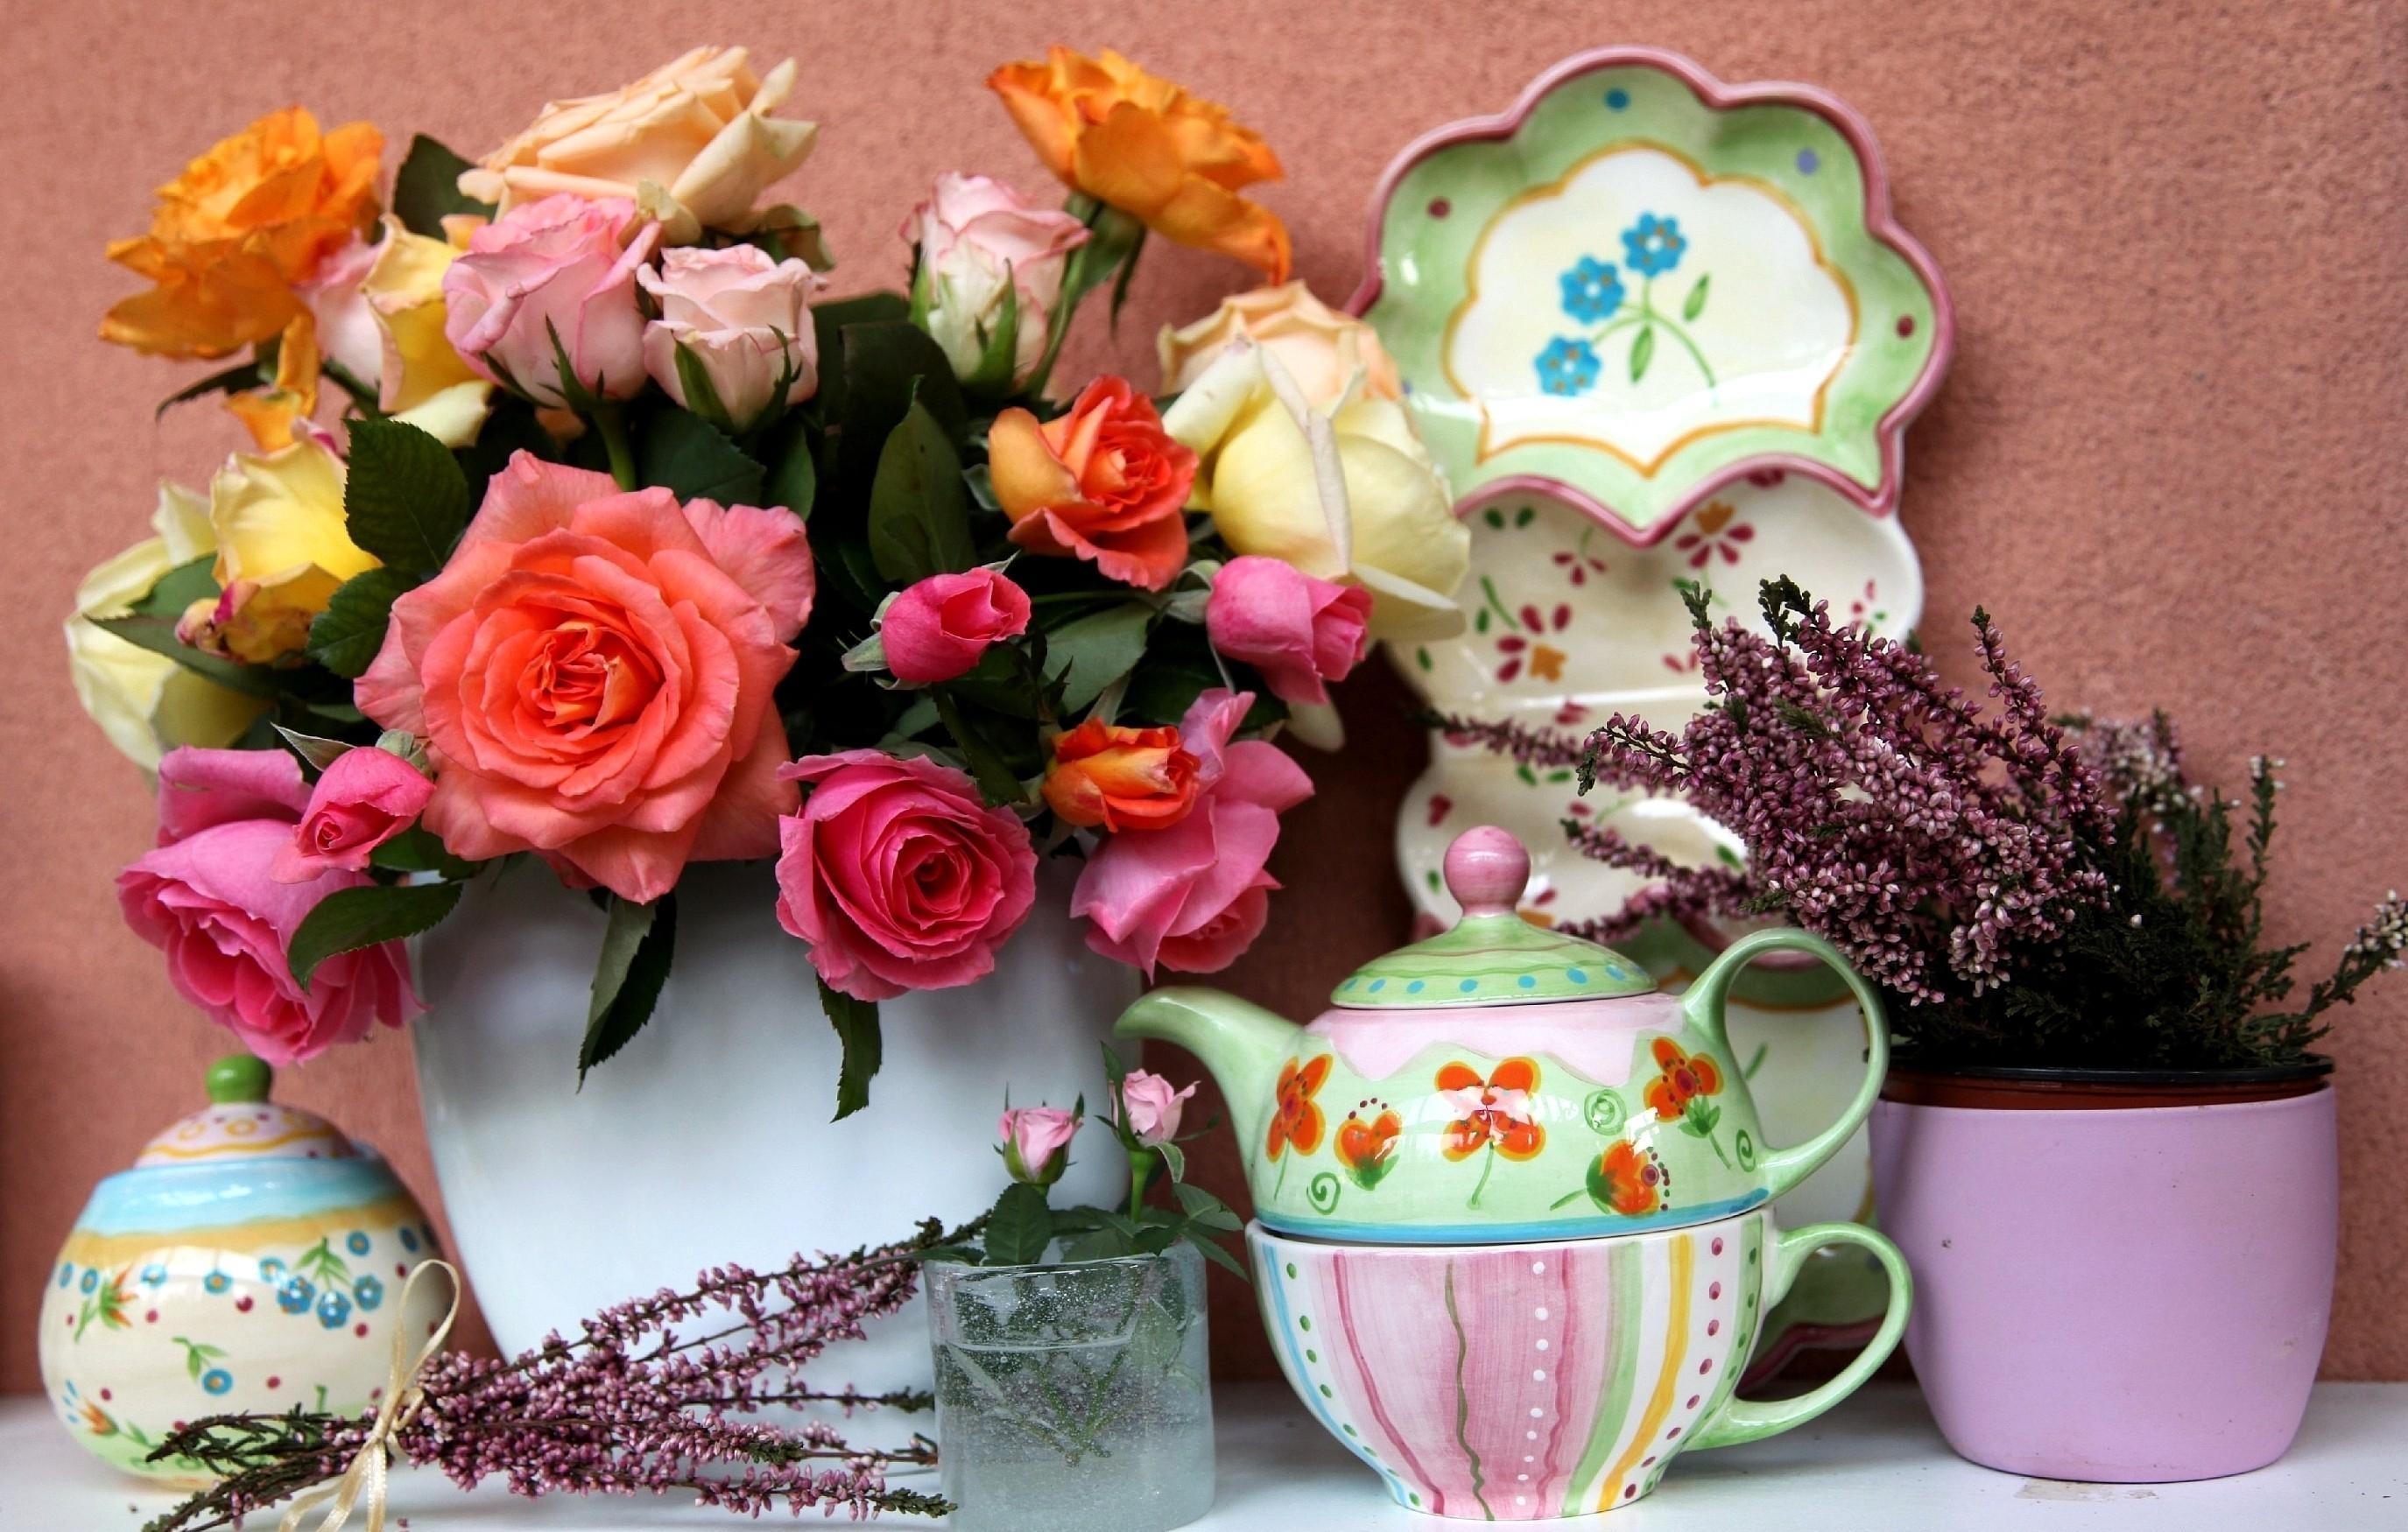 результате красивейшие картинки с добрым утром и цветы что можно сделать